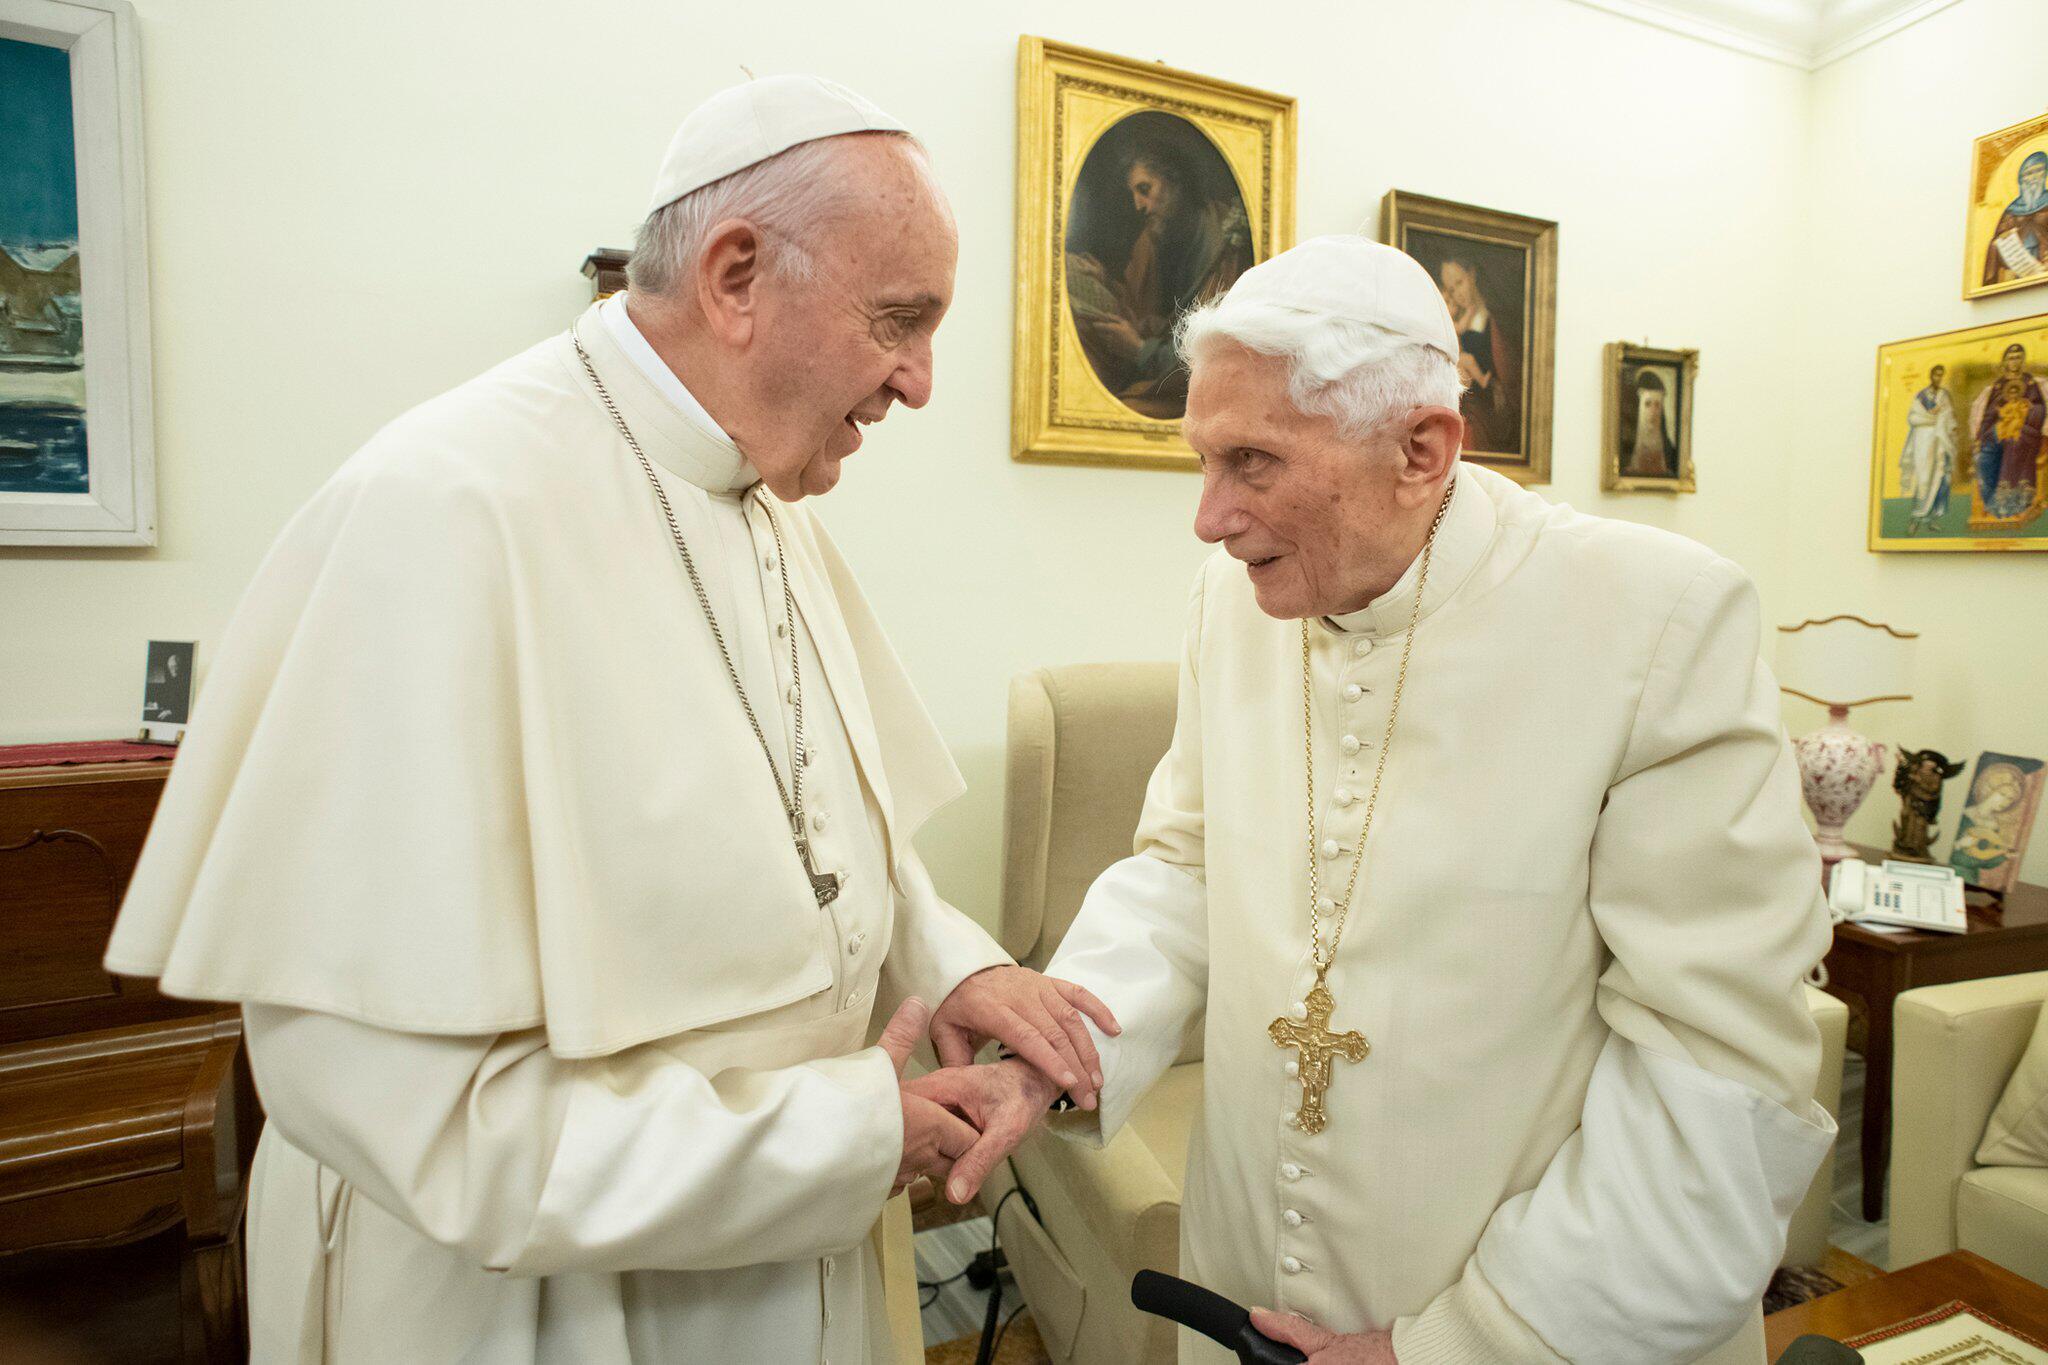 Bild zu Papst Franziskus besucht Ex-Papst Benedikt